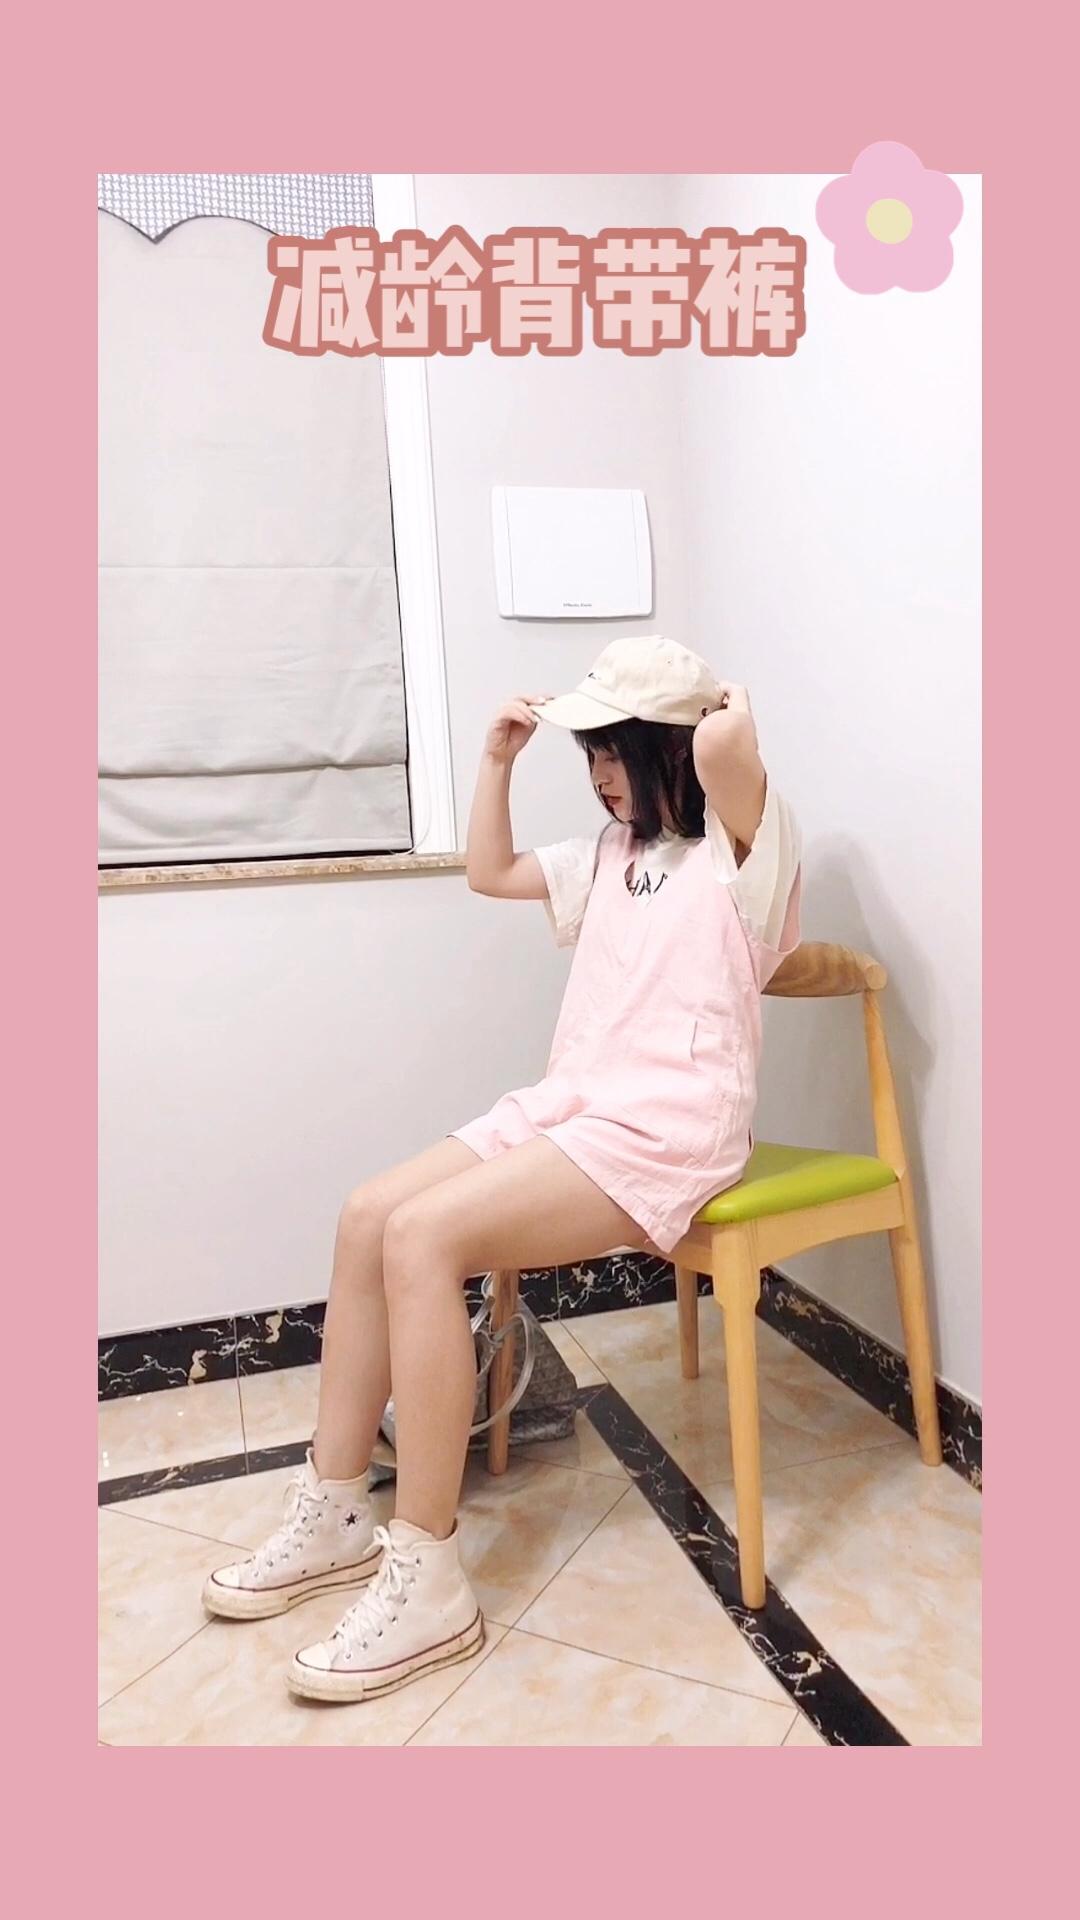 #假期出游,穿什么最清凉?# 背带裤:韩雅芬 包包:Goyard 鞋子:匡威 粉色背带裤真的很少女心了 棉麻的材质夏天穿也非常清凉 随意搭配一件白t就很好看啦 匡威女孩当然要搭配最爱的匡威 减龄又时尚!